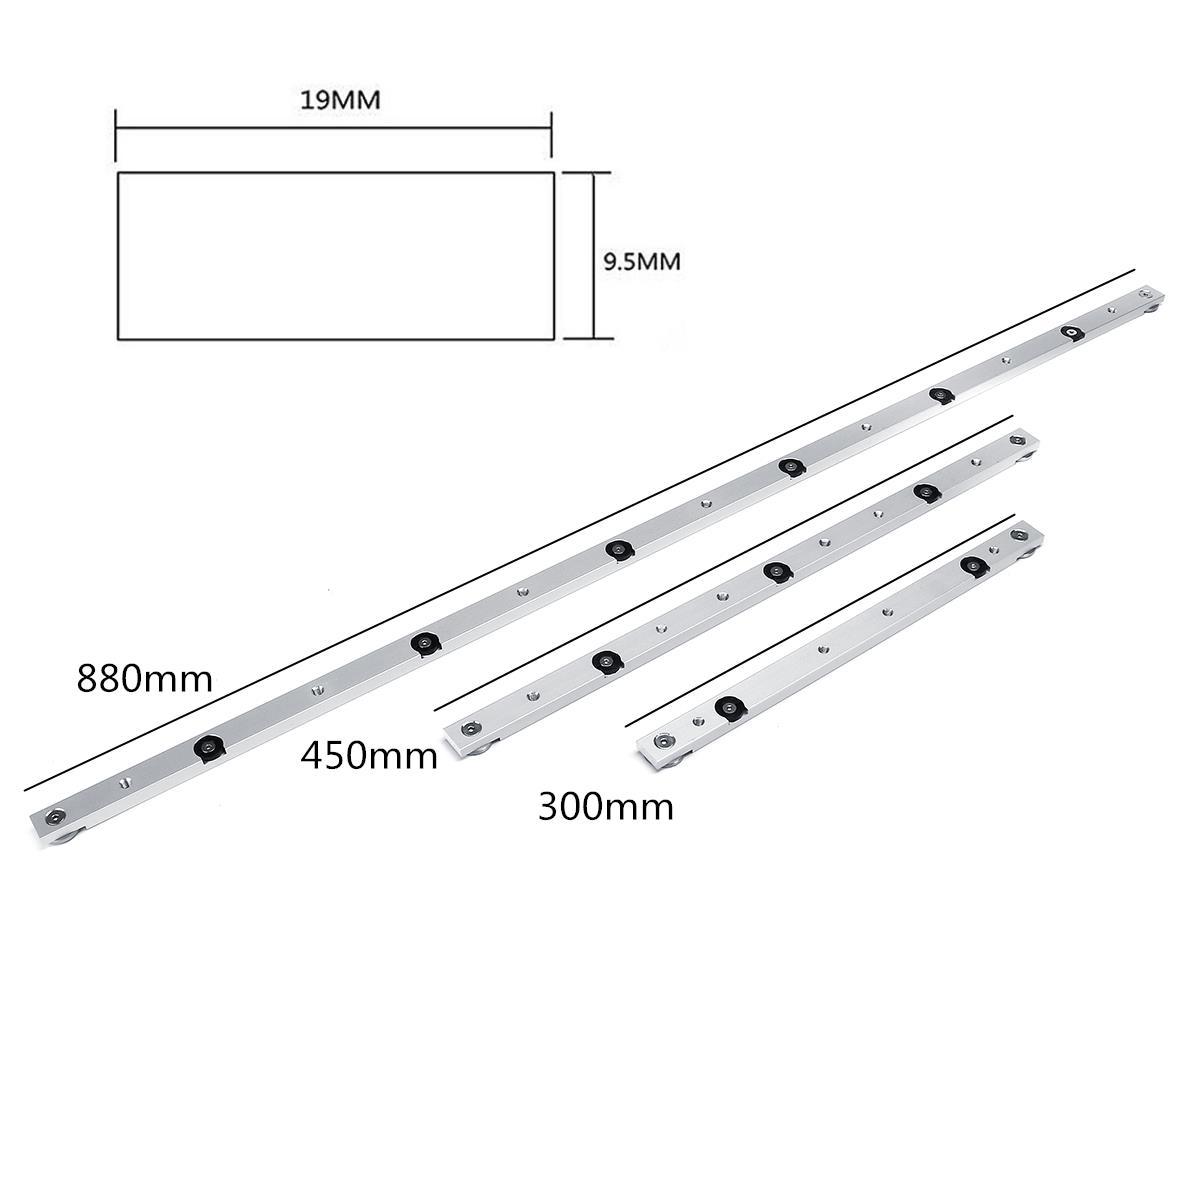 300 450 850 880mm Aluminum Alloy Rail Miter Bar Slider Table Saw Gauge Rod Miter Gauge